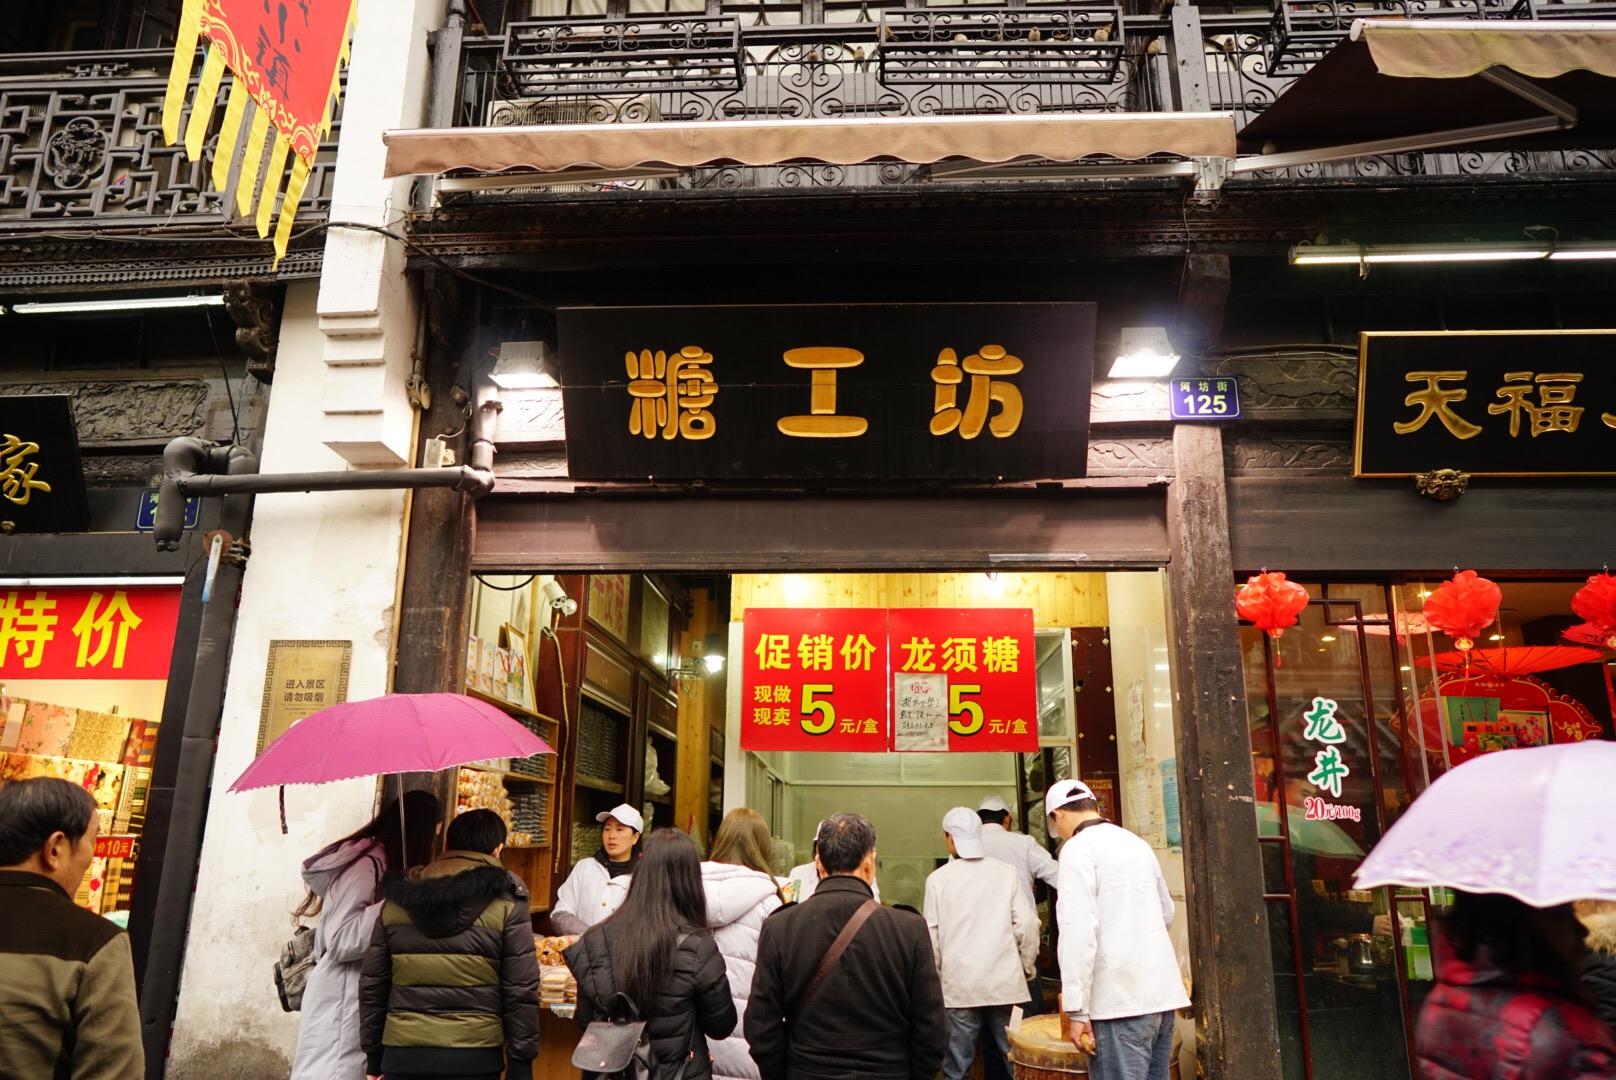 杭州の河坊街の糖工坊(飴工房)